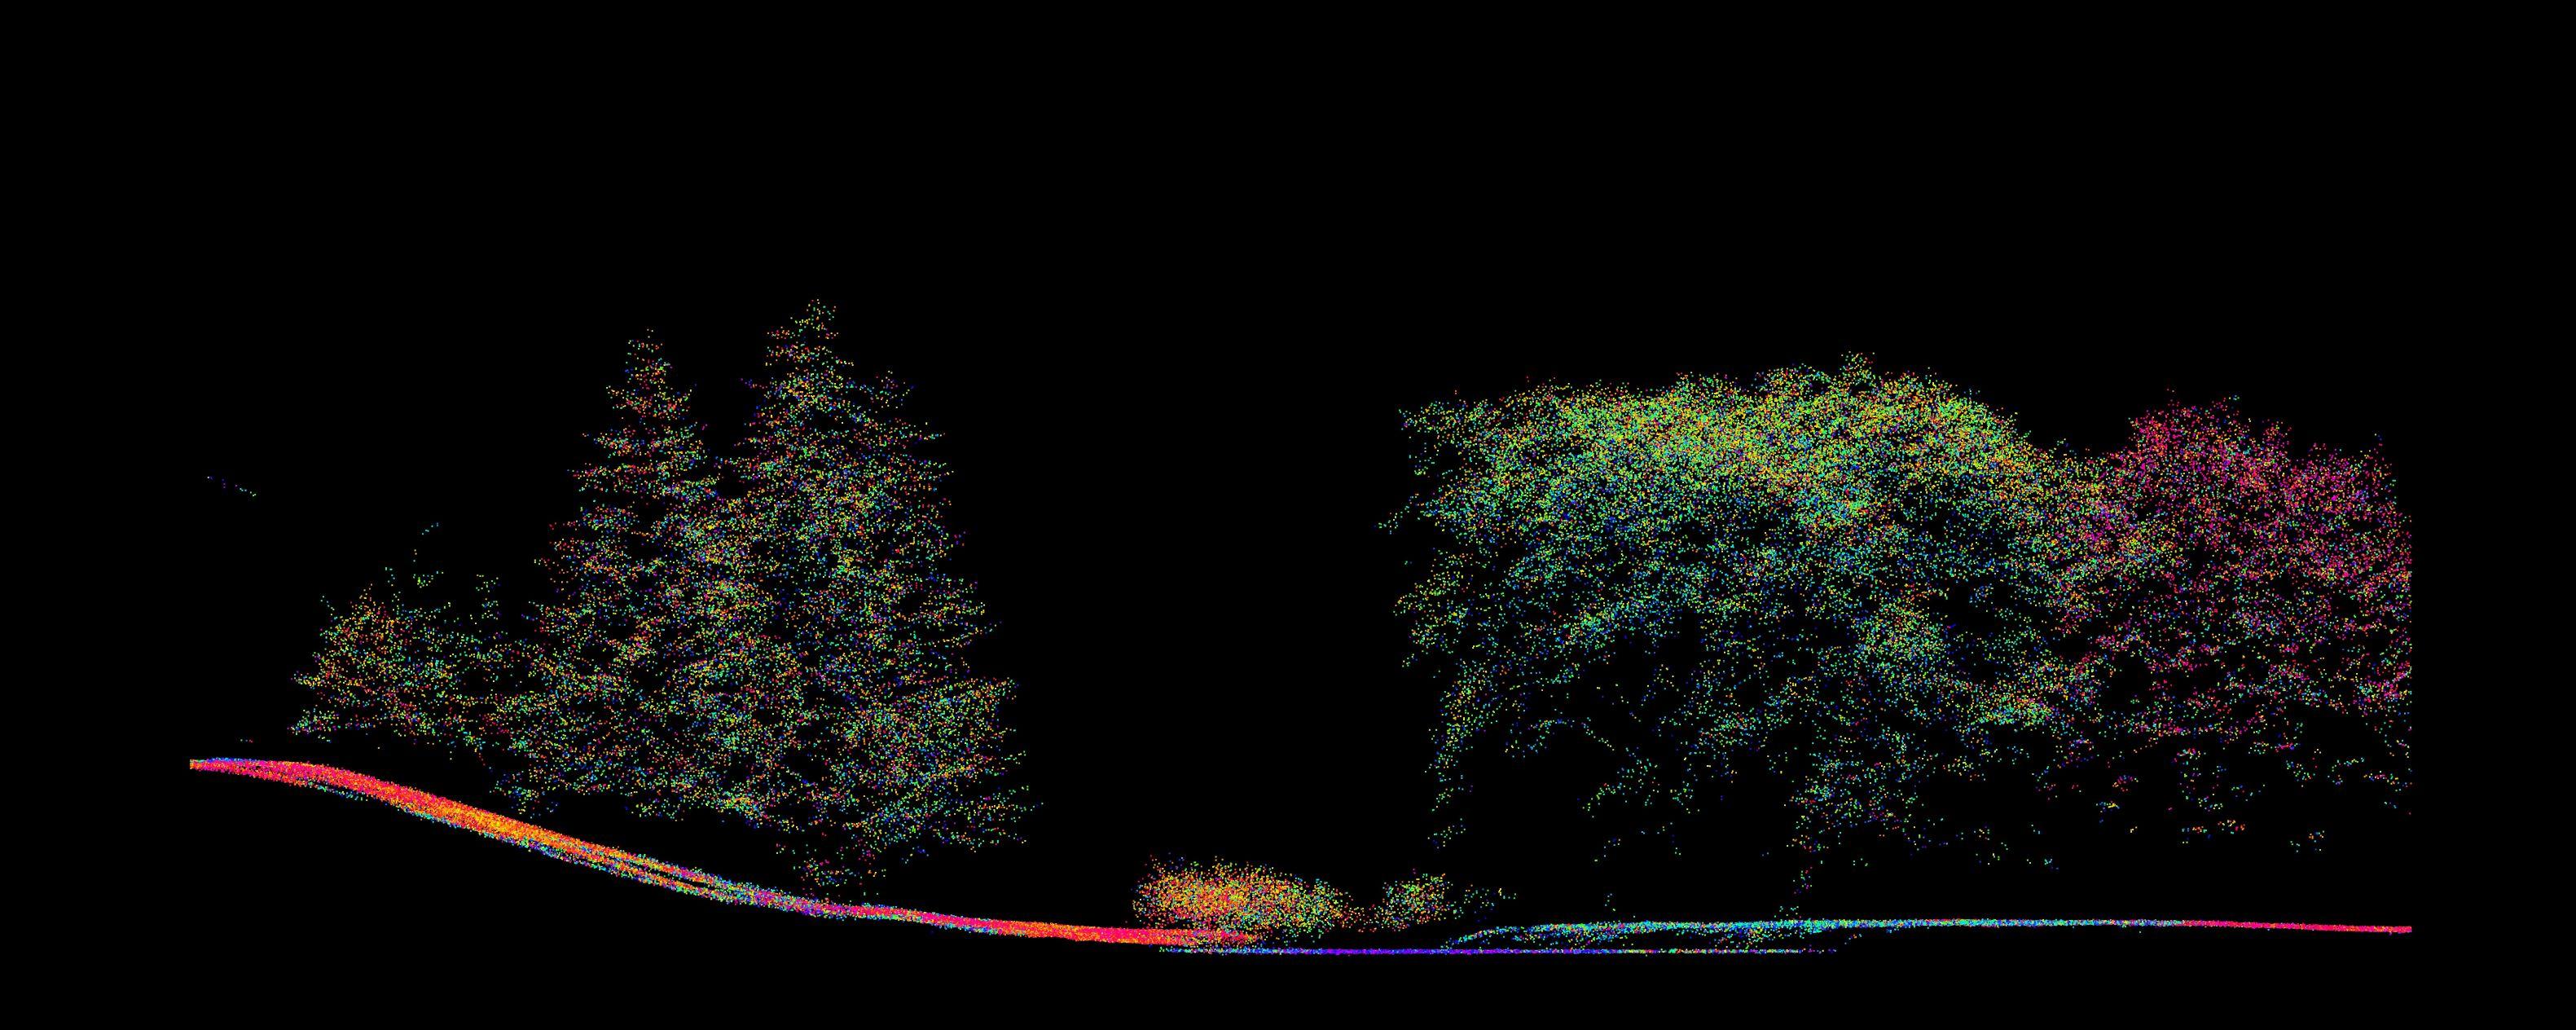 Drzewa_GNDVI_panorama_kompr